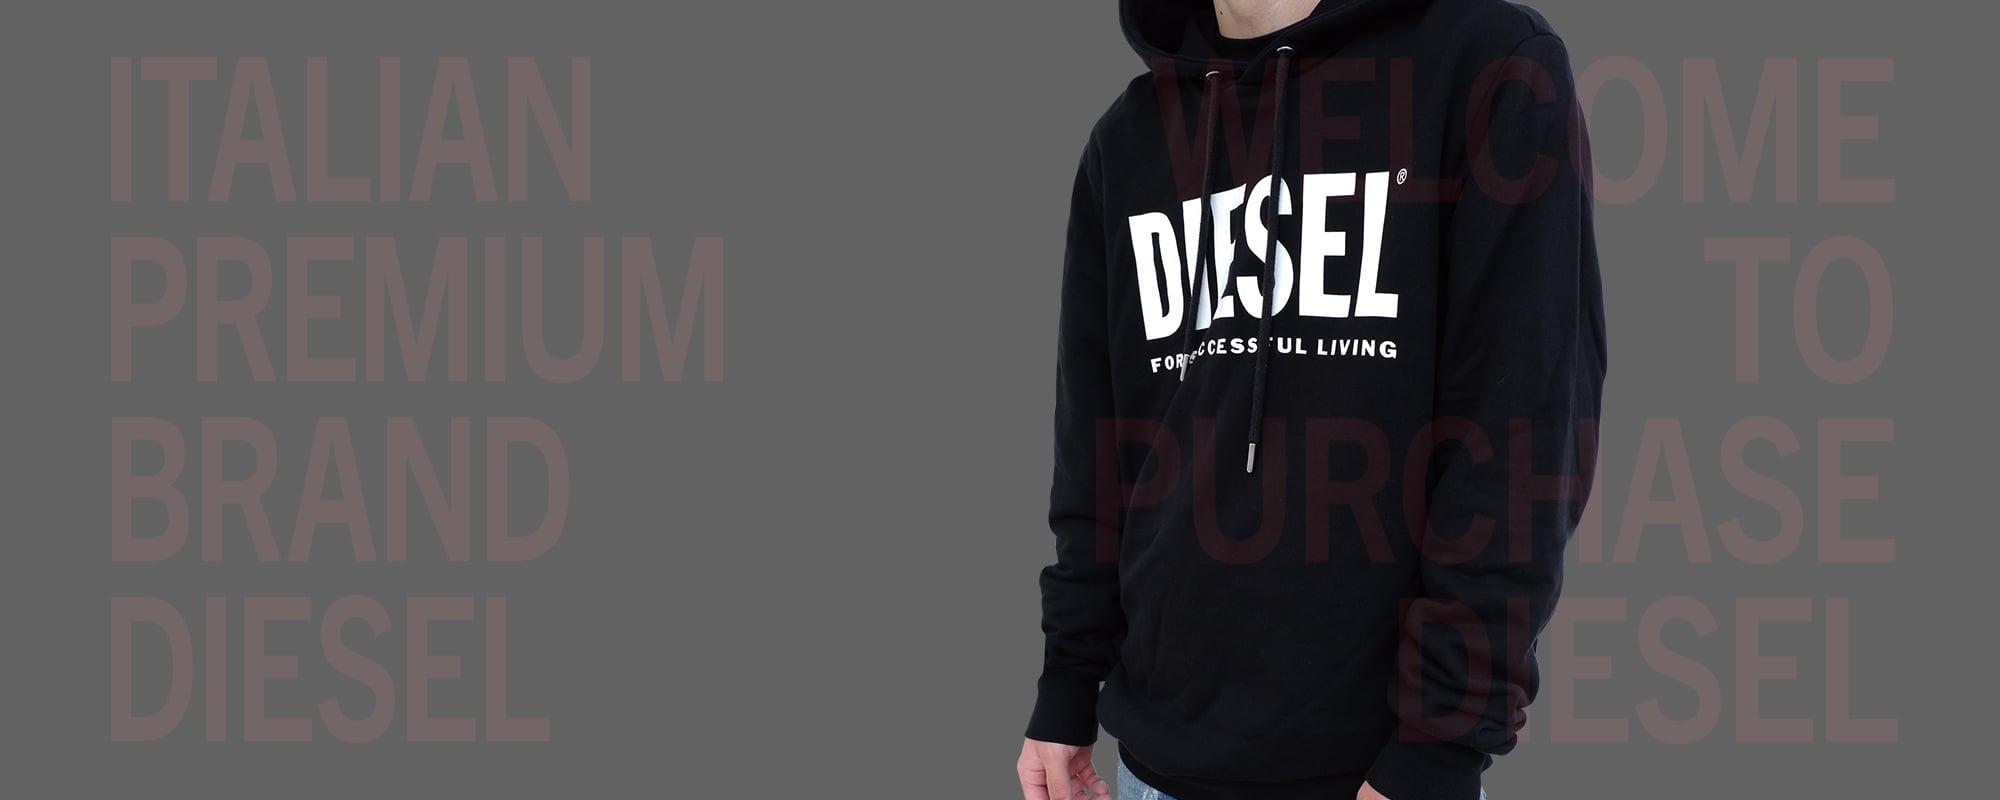 ディーゼル買取20%UPキャンペーン